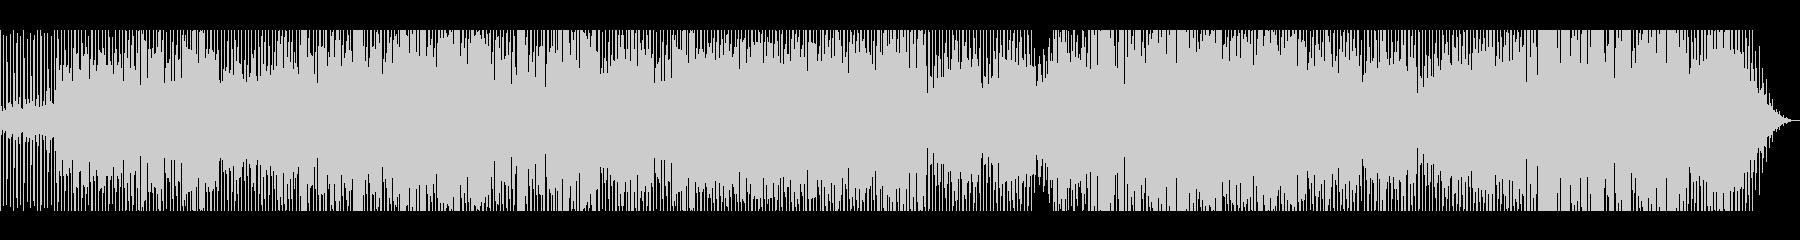 淡々と展開するダークなBGM(コーラス)の未再生の波形